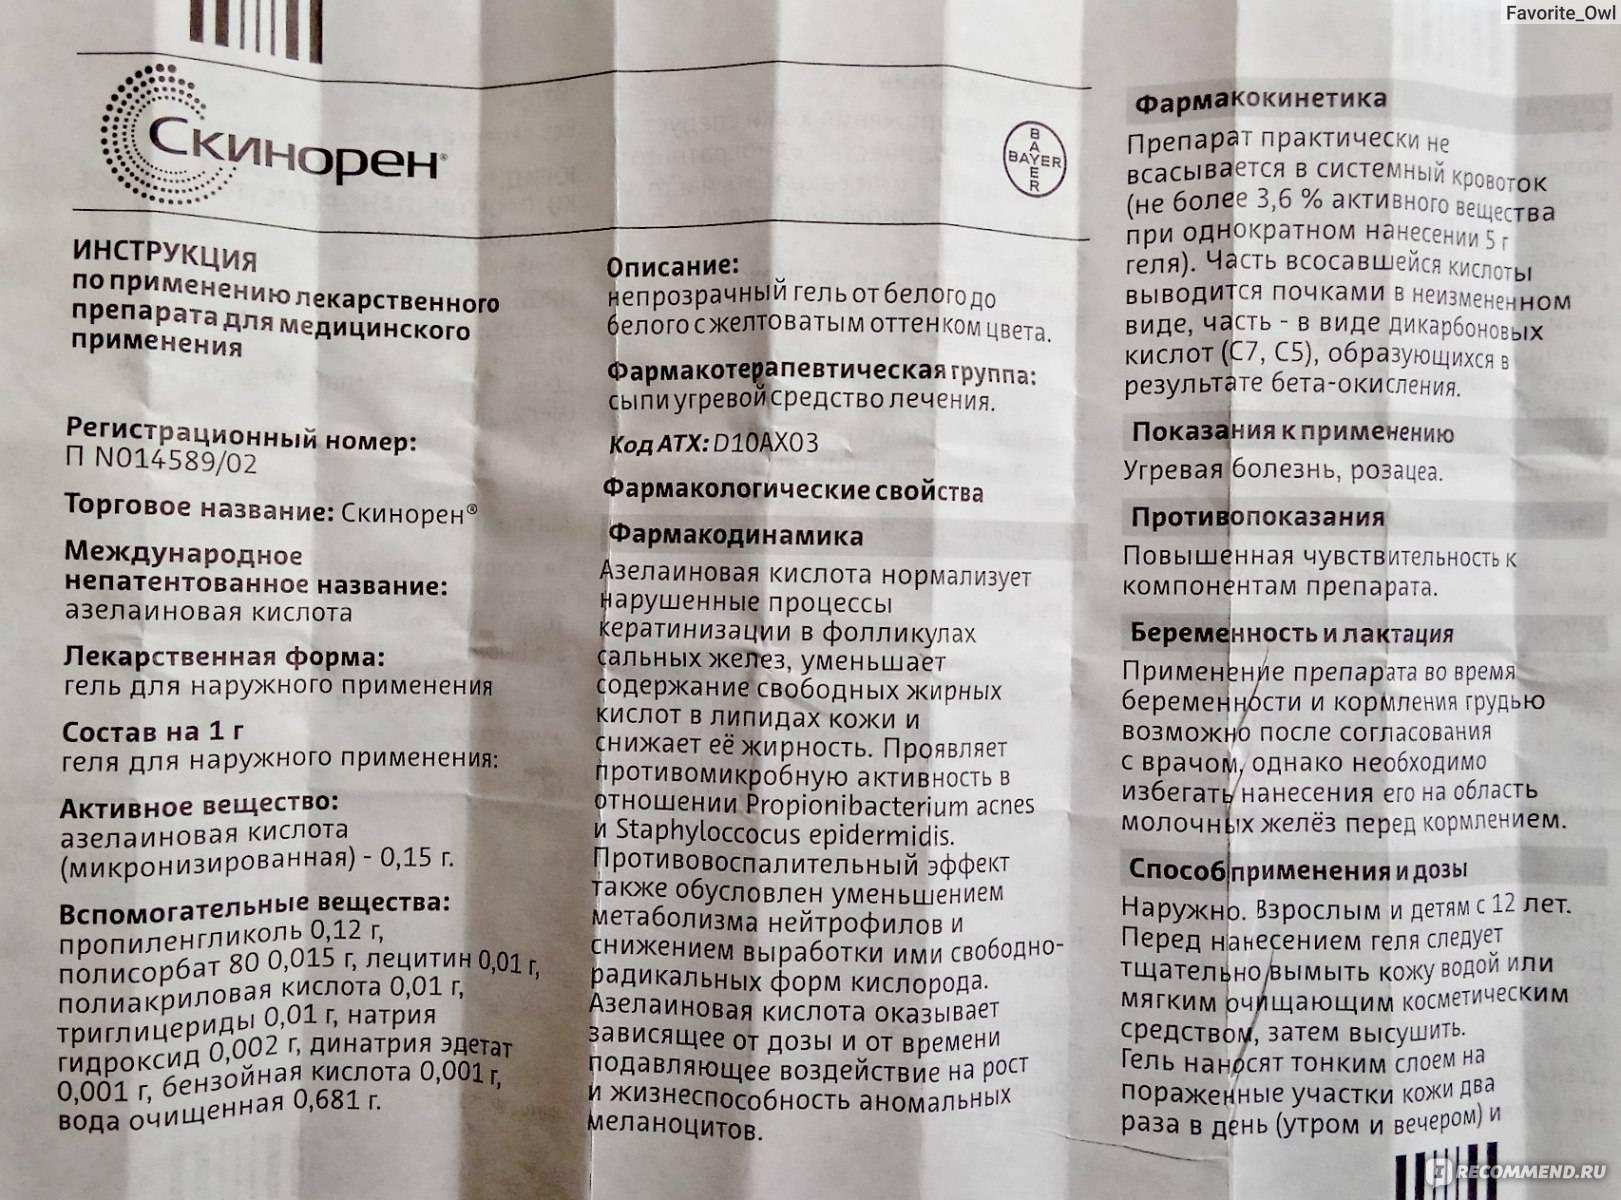 Мазь скинорен: инструкция по применению геля, крема скиноклир и скинорен, что лучше, аналоги, состав